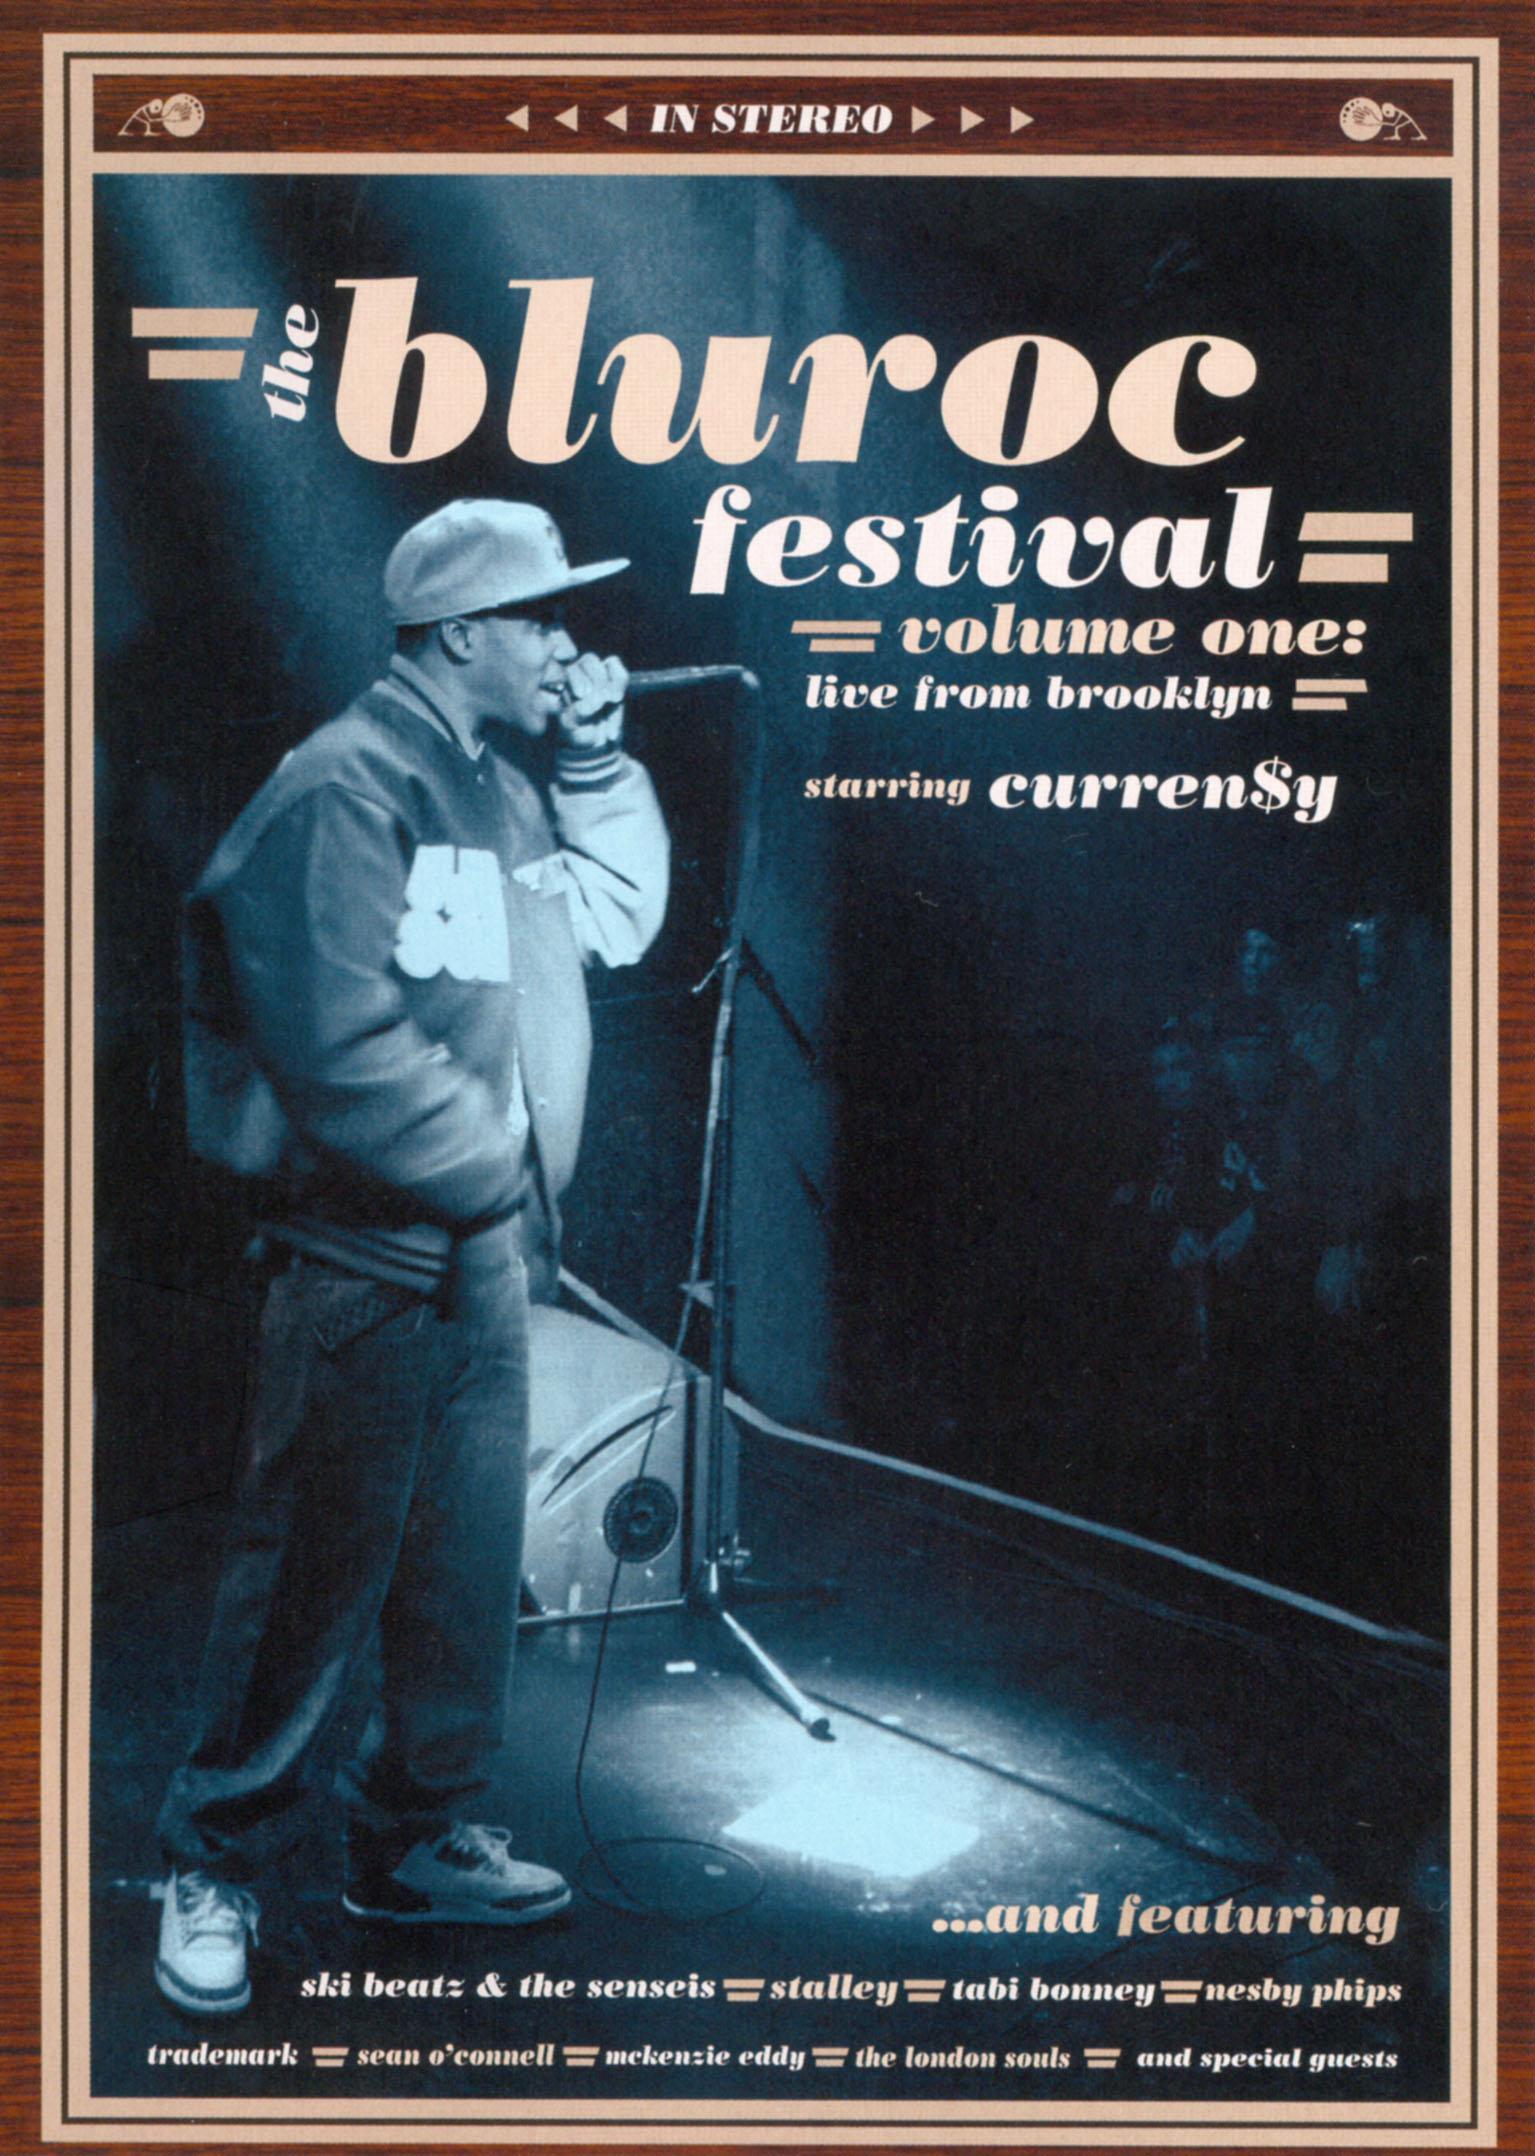 The BluRoc Festival, Vol. 1